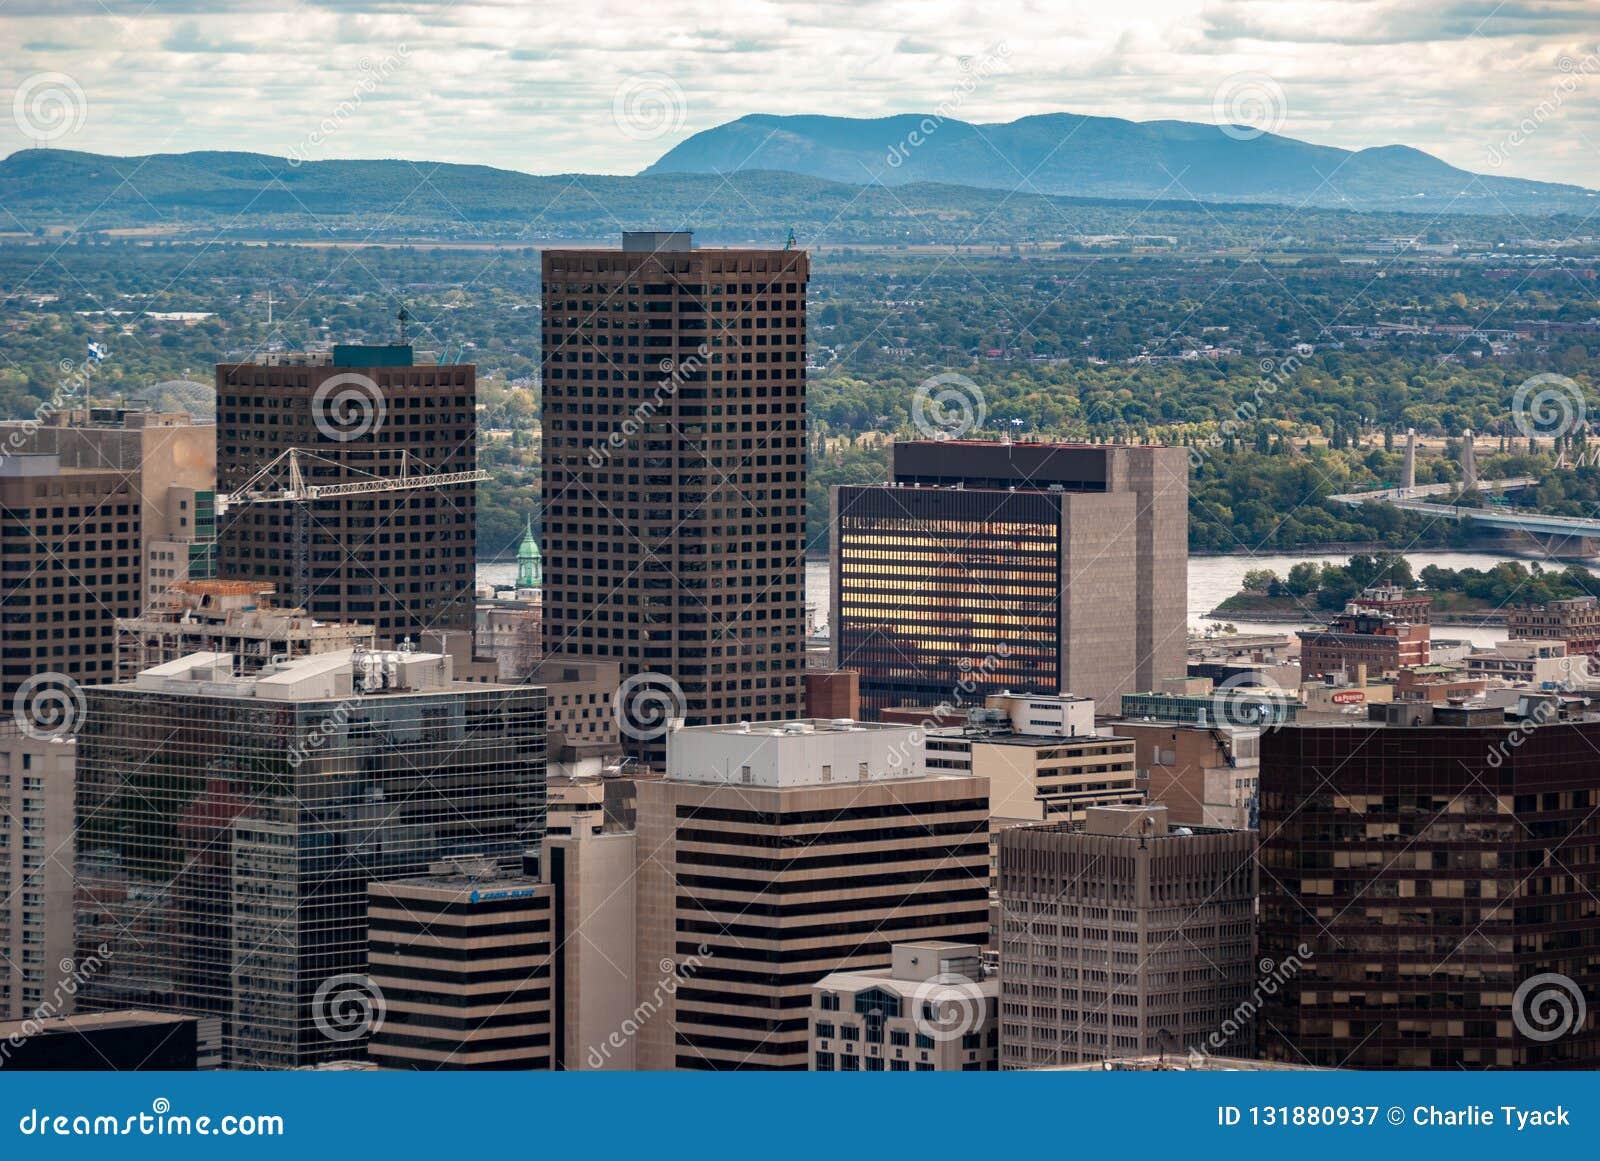 Горизонт Монреаля - небоскребы финансового района